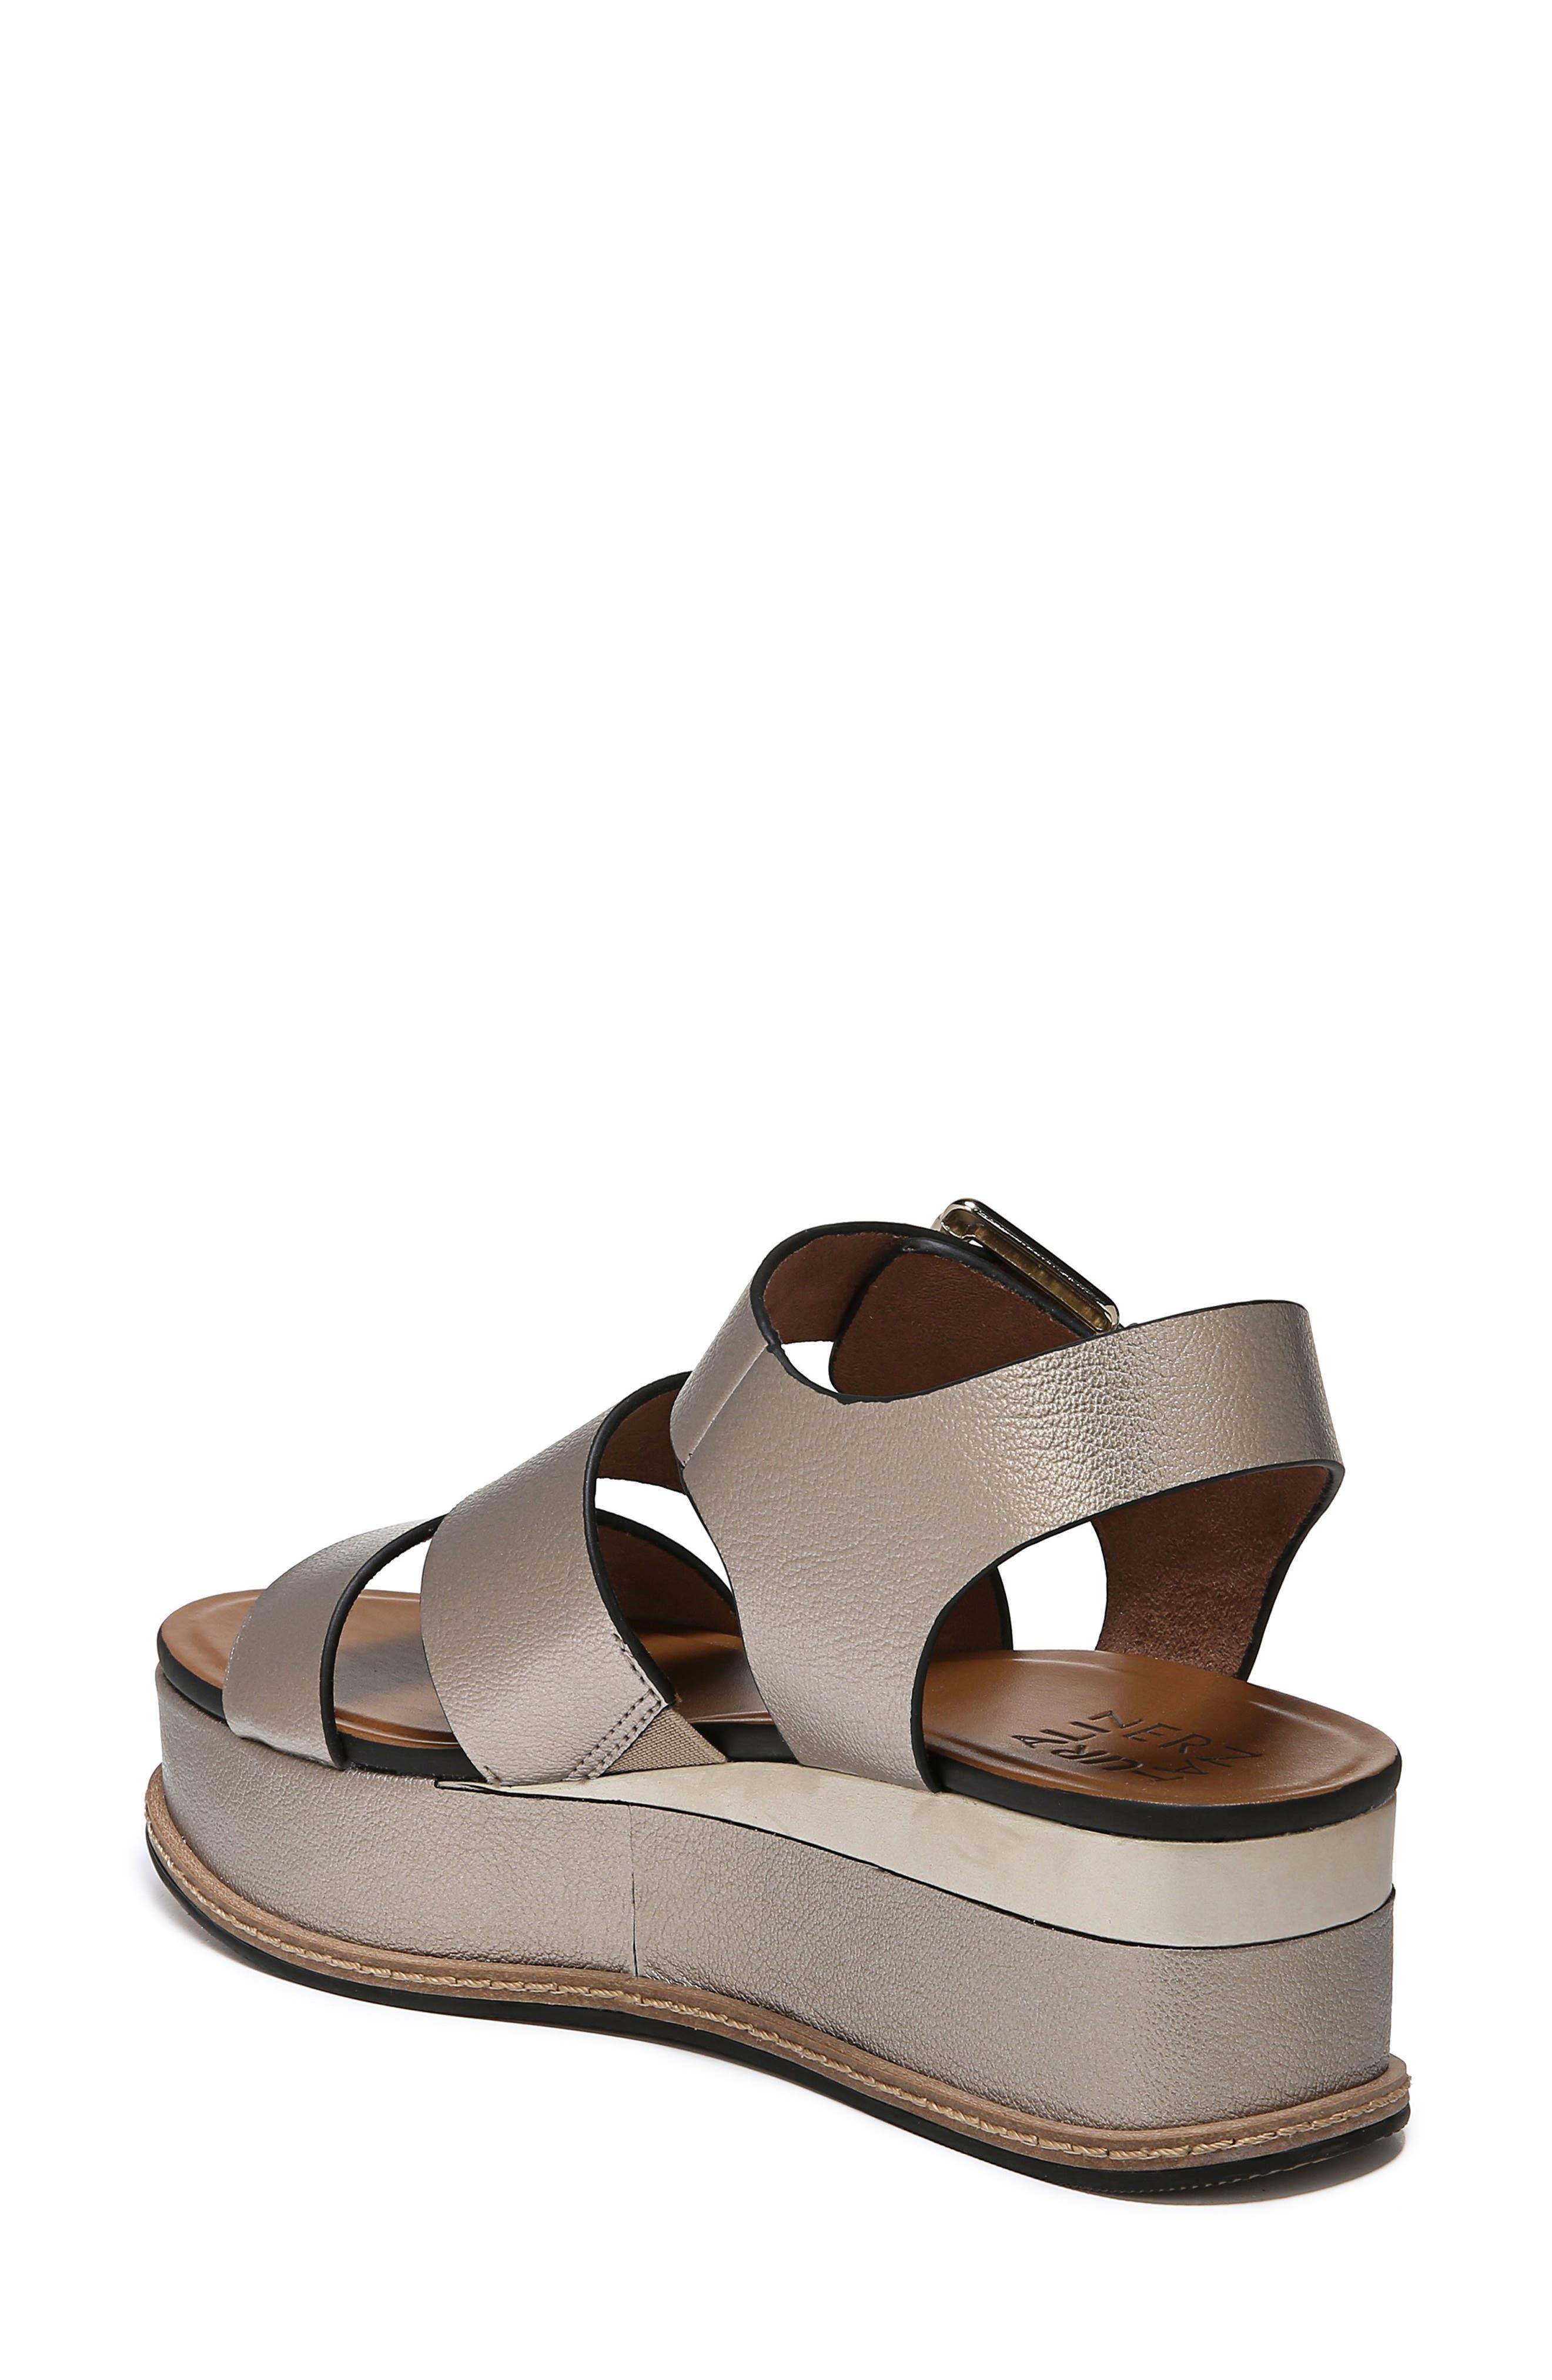 NATURALIZER, Billie Platform Sandal, Alternate thumbnail 2, color, LIGHT BRONZE METAL